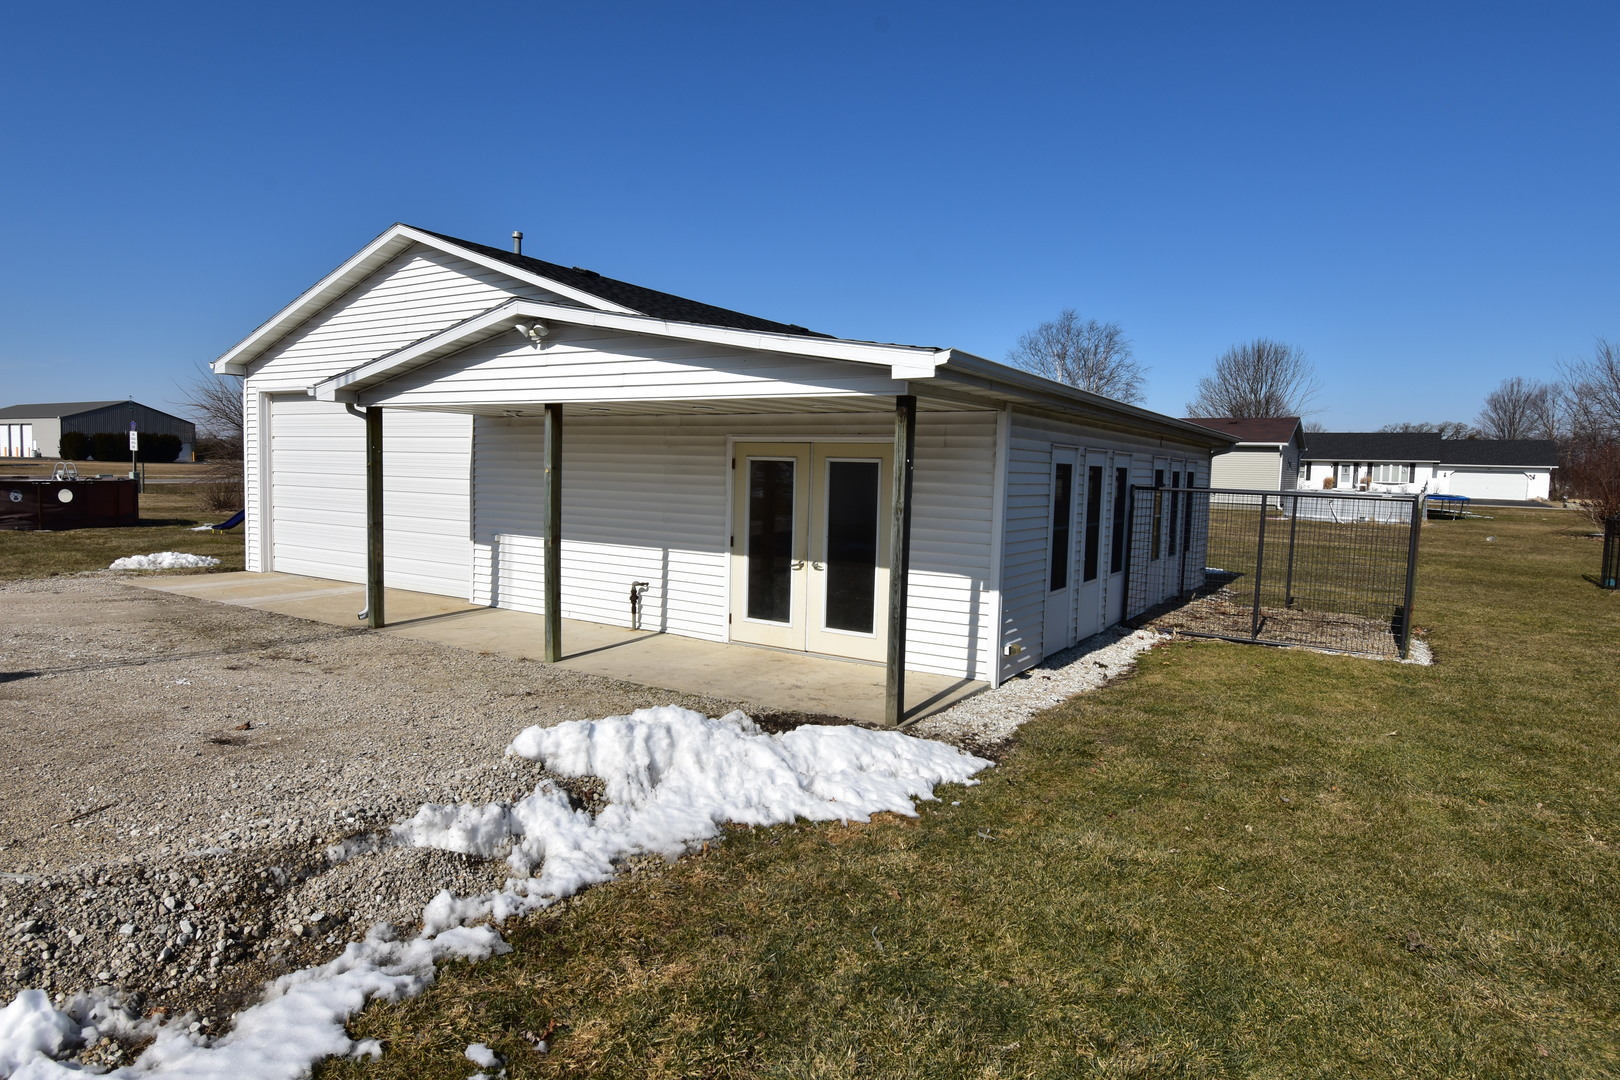 110 East Kross, Leland, Illinois, 60531